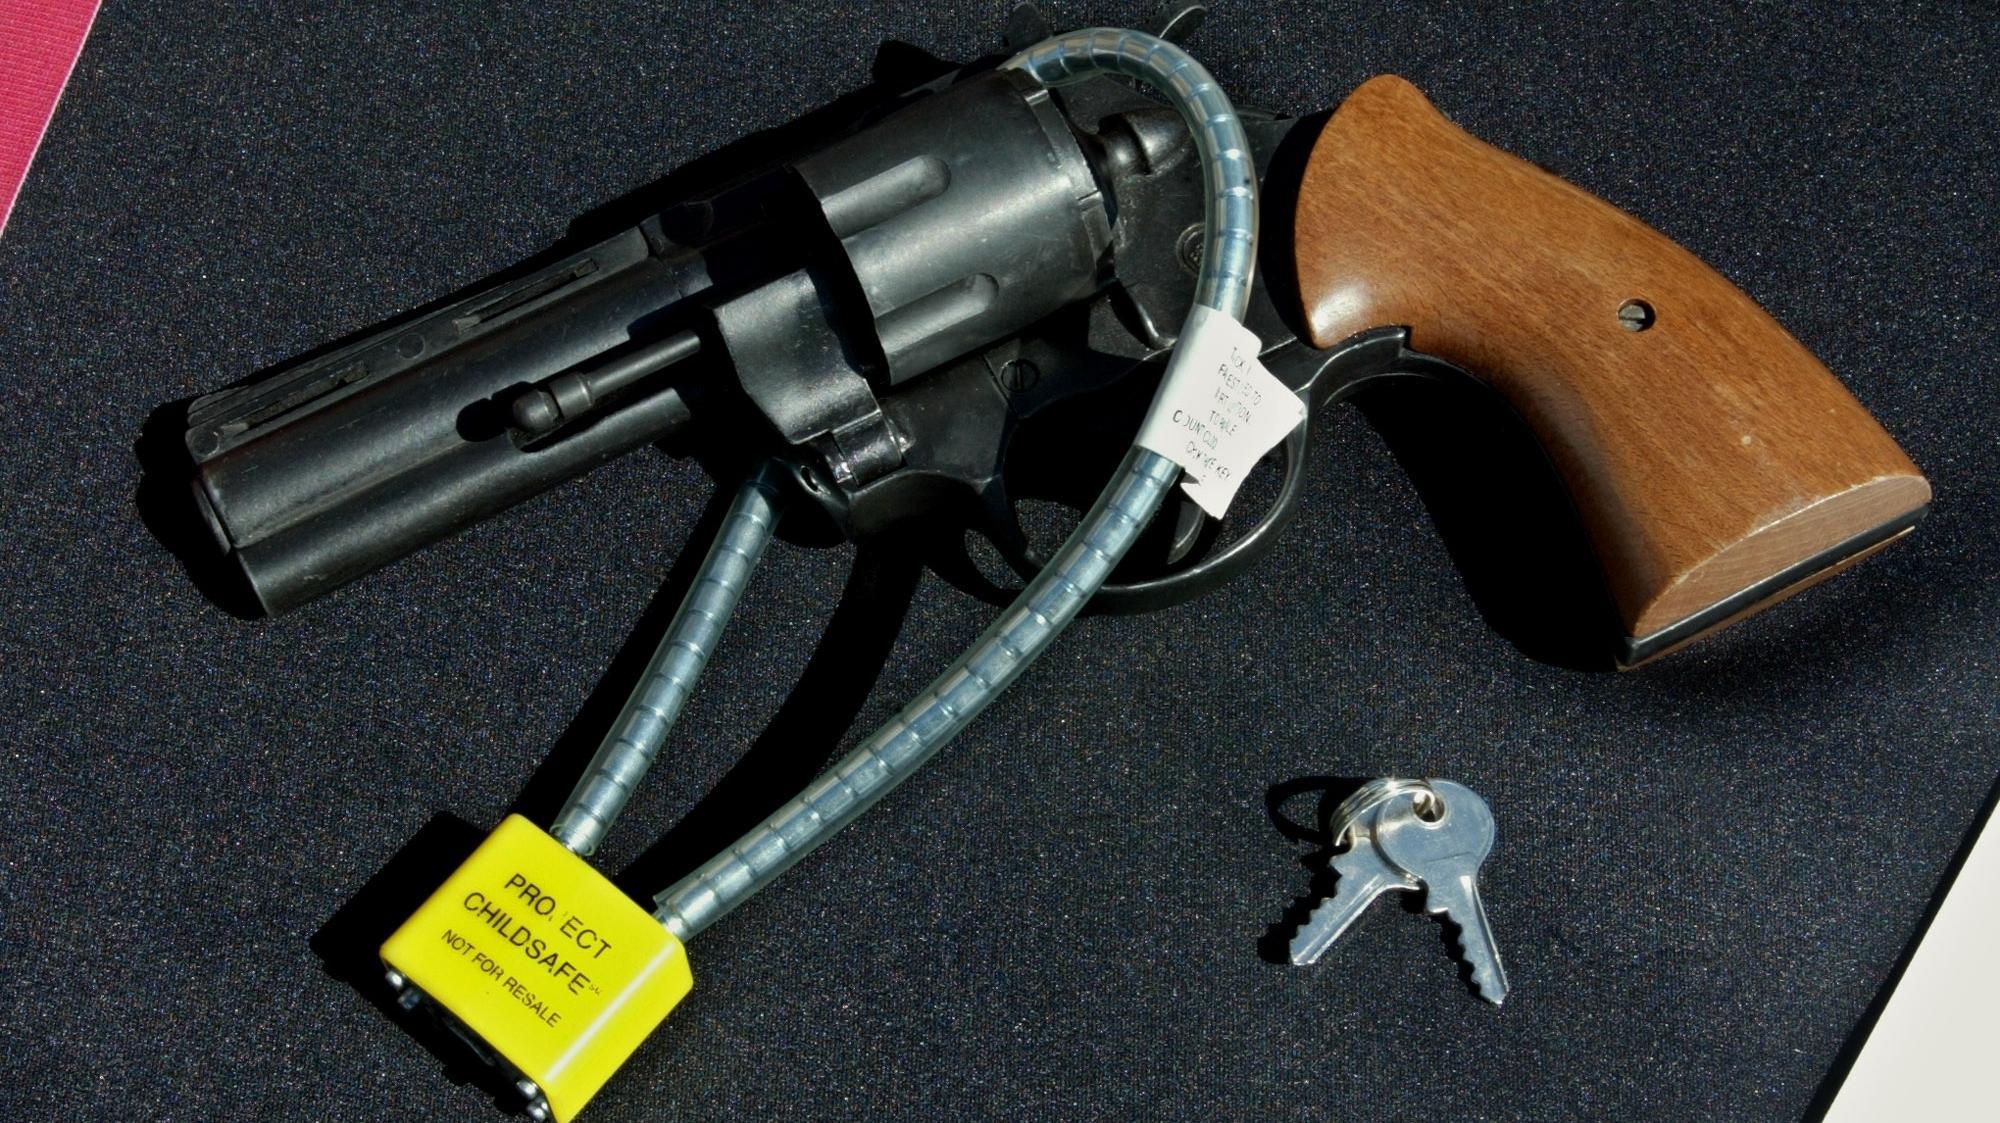 Gun Safety Locks : Va offers free gun locks to help prevent vet suicides